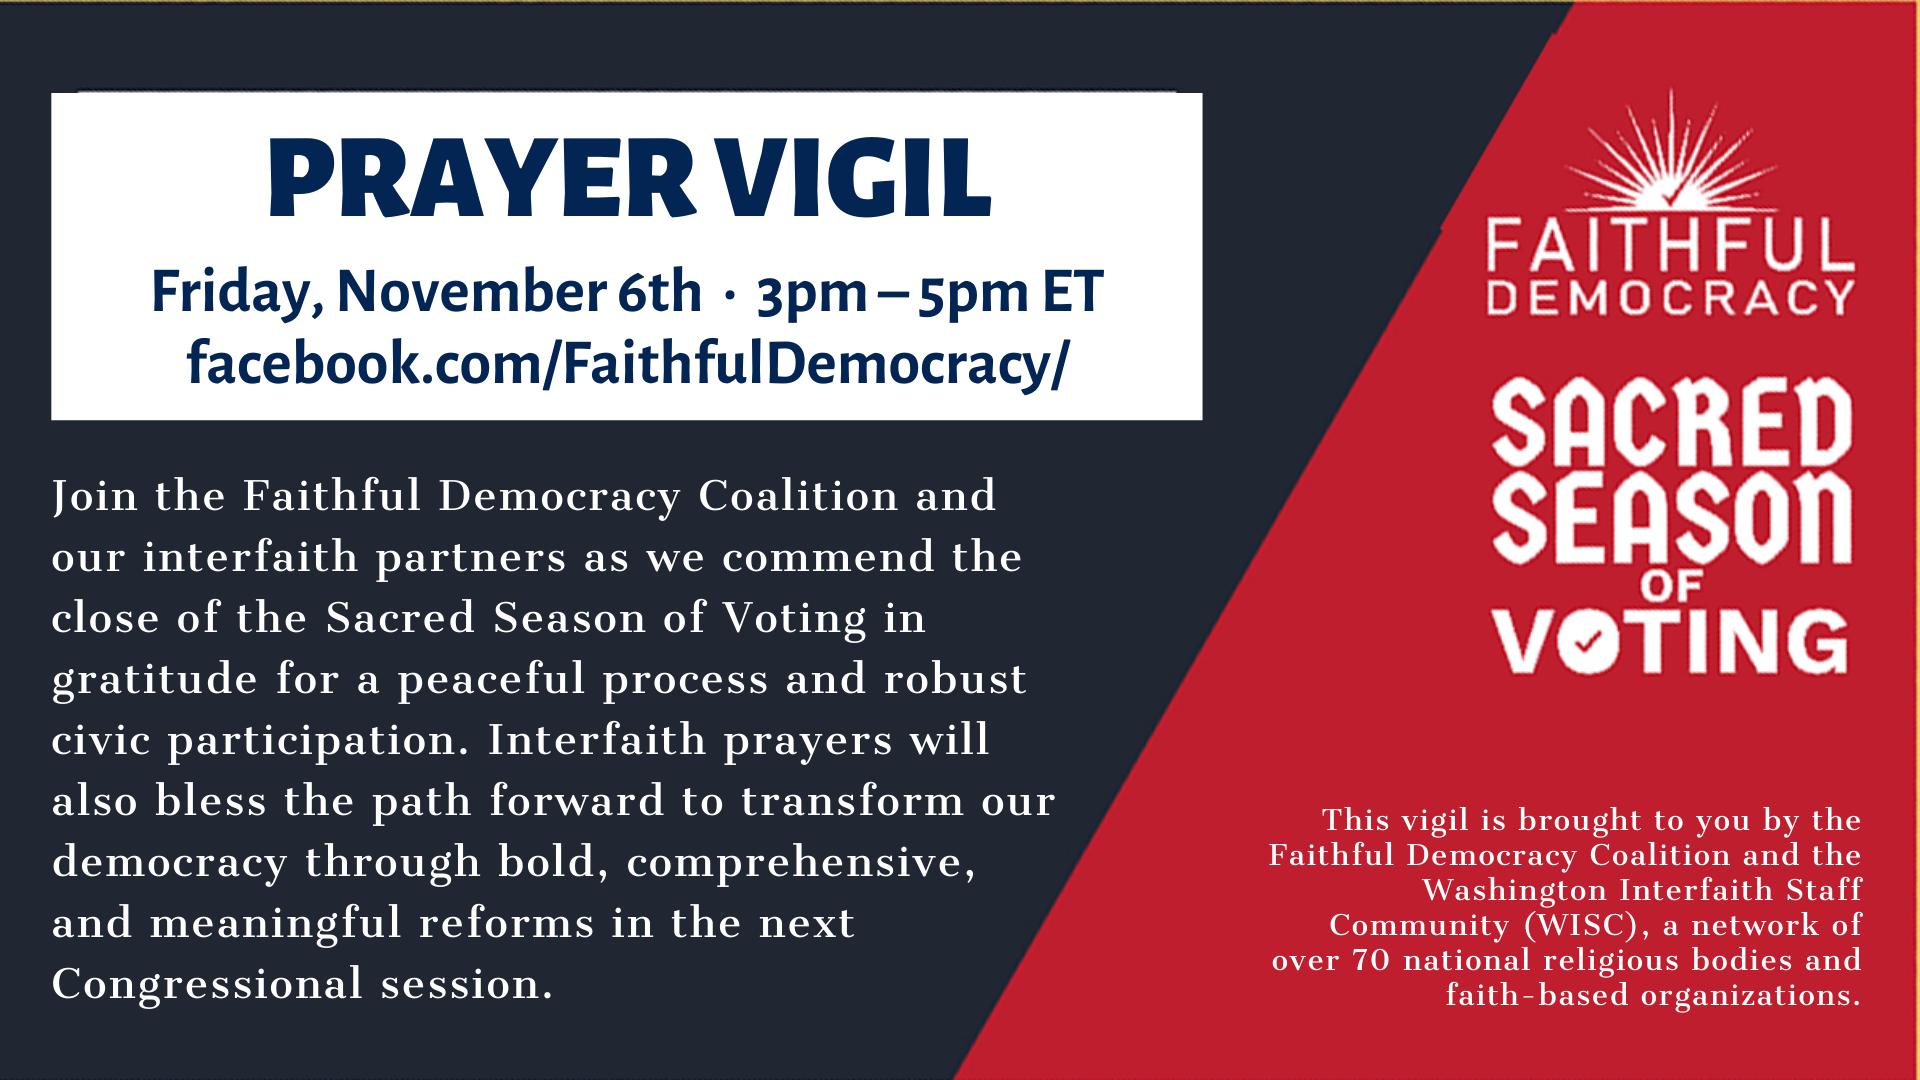 Faithful Democracy post-election image 2020